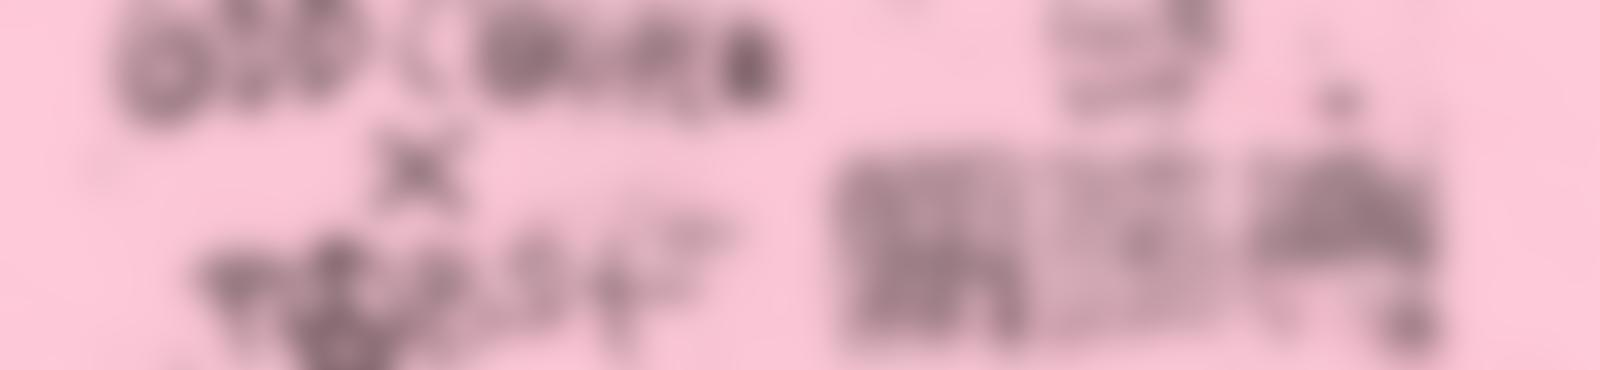 Blurred 584e84fc a3a3 4e6d b8ad c336e3b37ebf